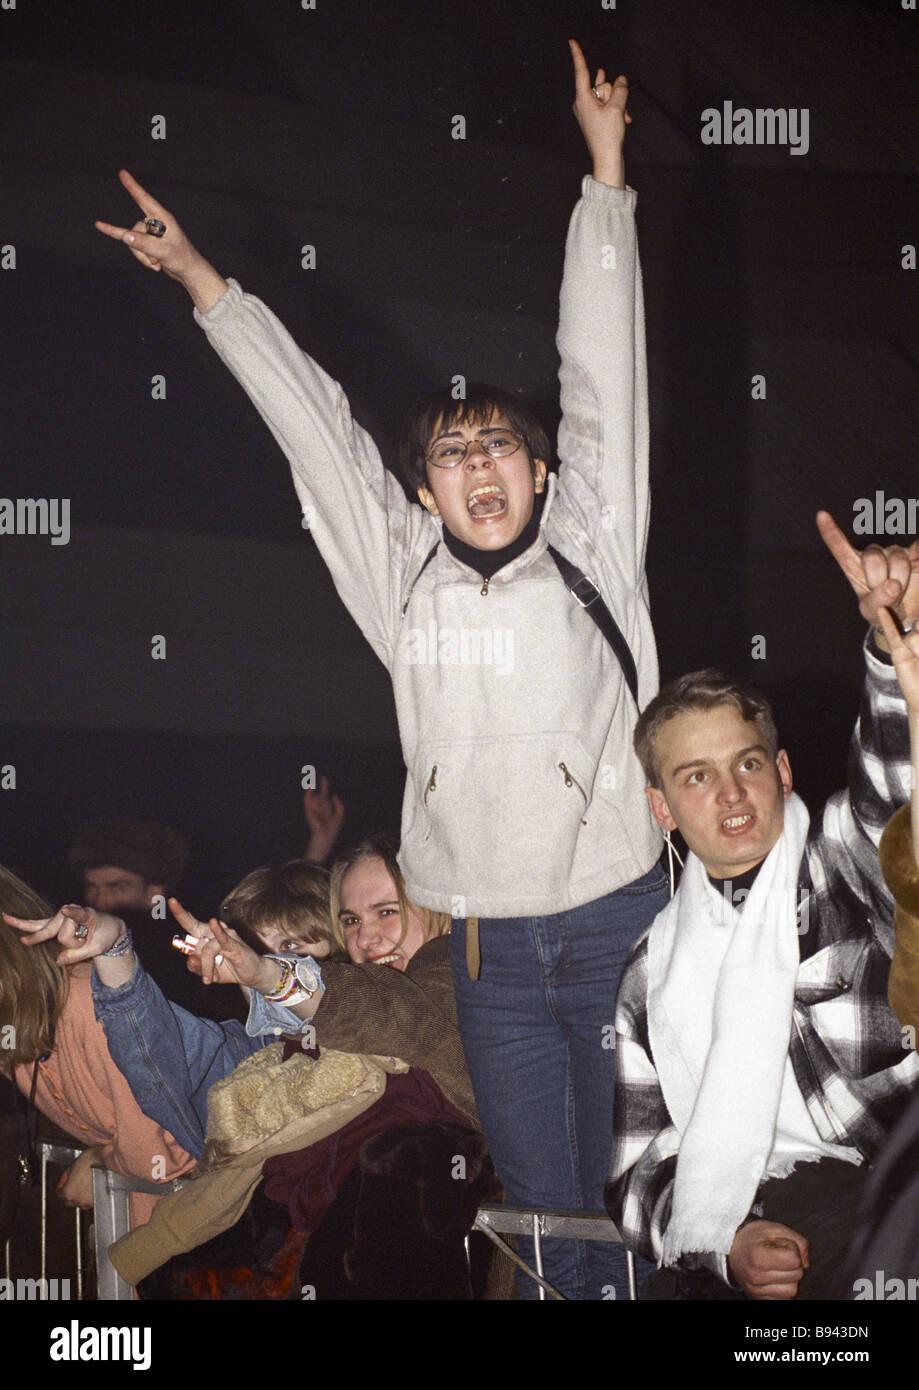 Los groupies en un concierto de música rock Foto de stock